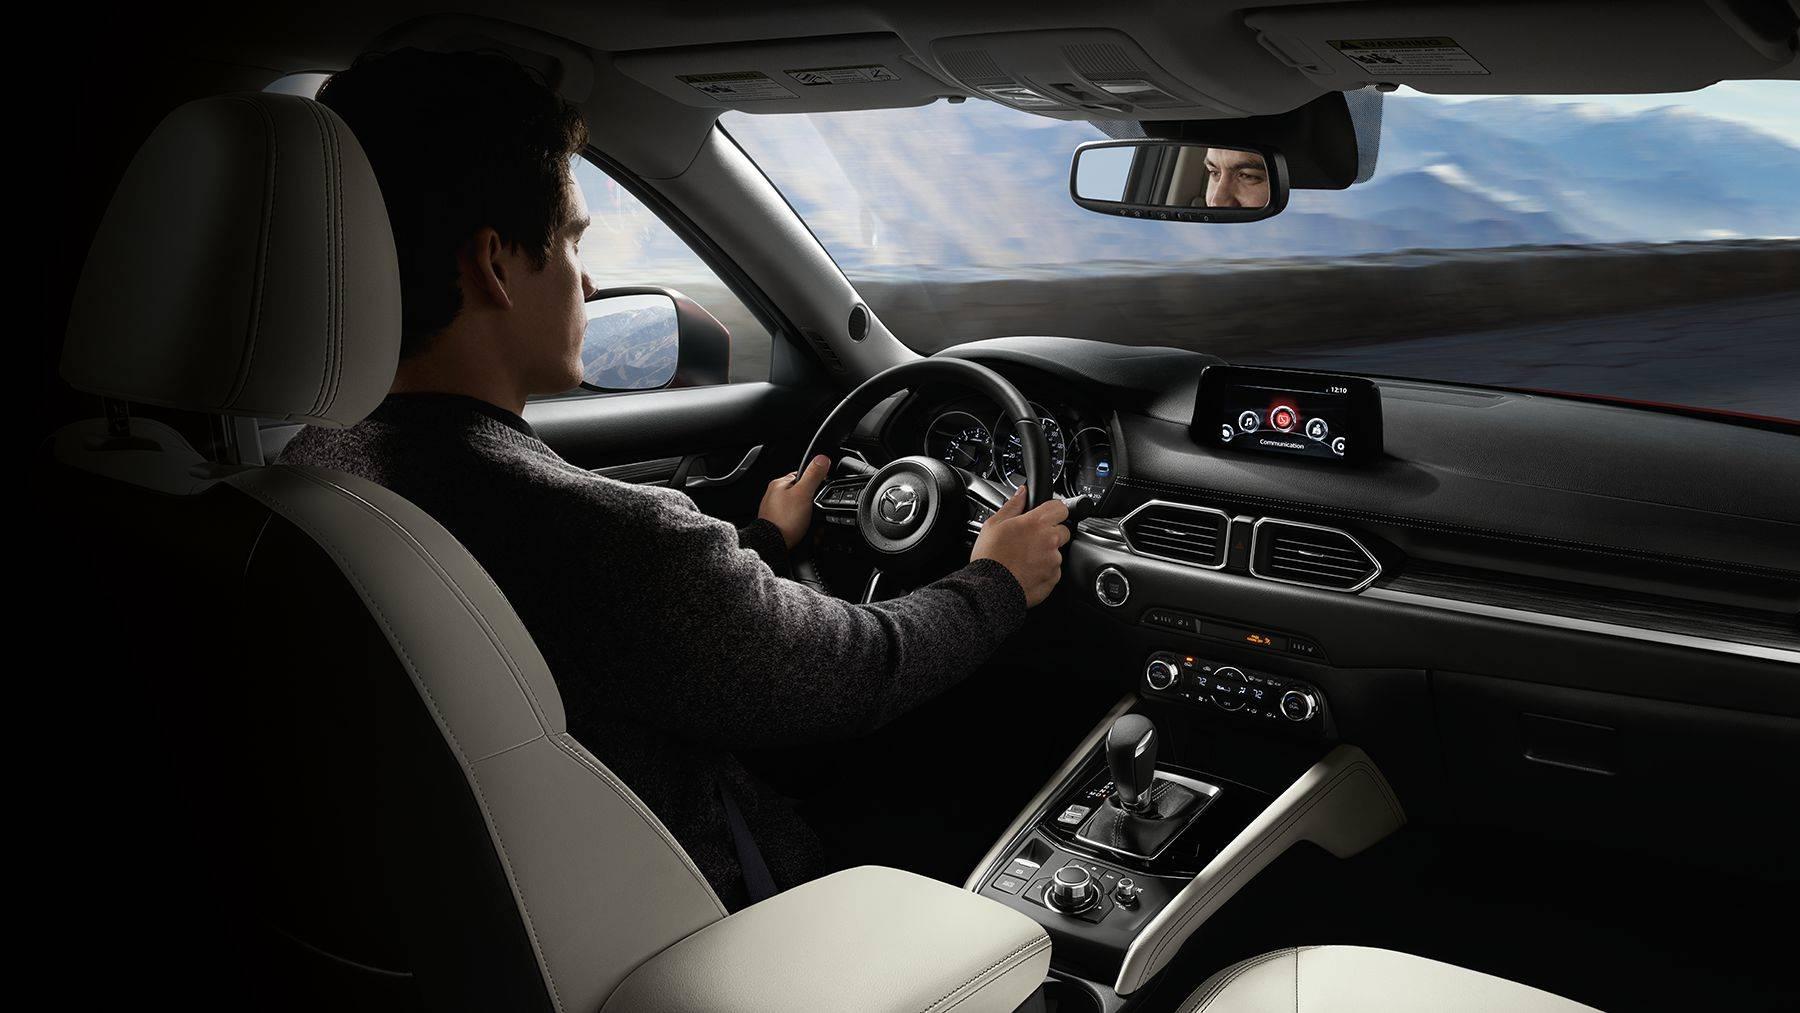 2018 Mazda CX-5 Cockpit